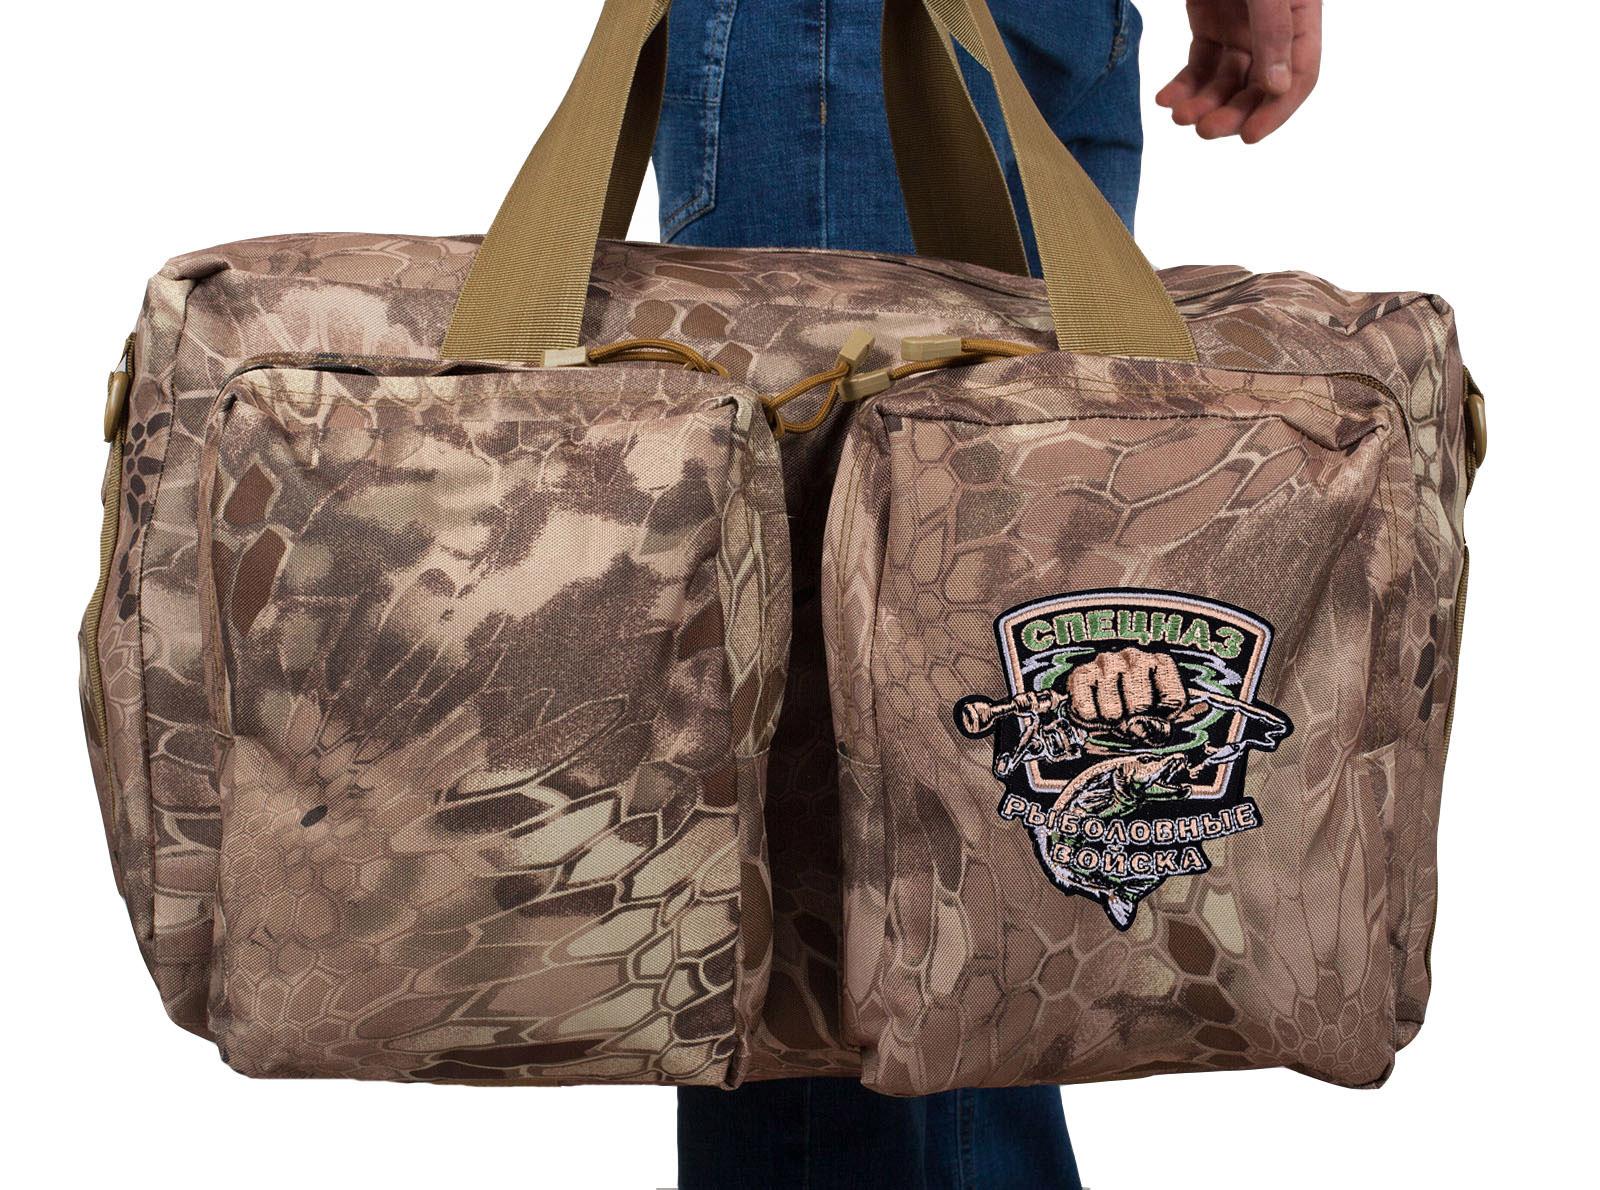 Дорожная сумка в камуфляже Kryptek Nomad с шевроном Рыболовного спецназа купить с доставкой